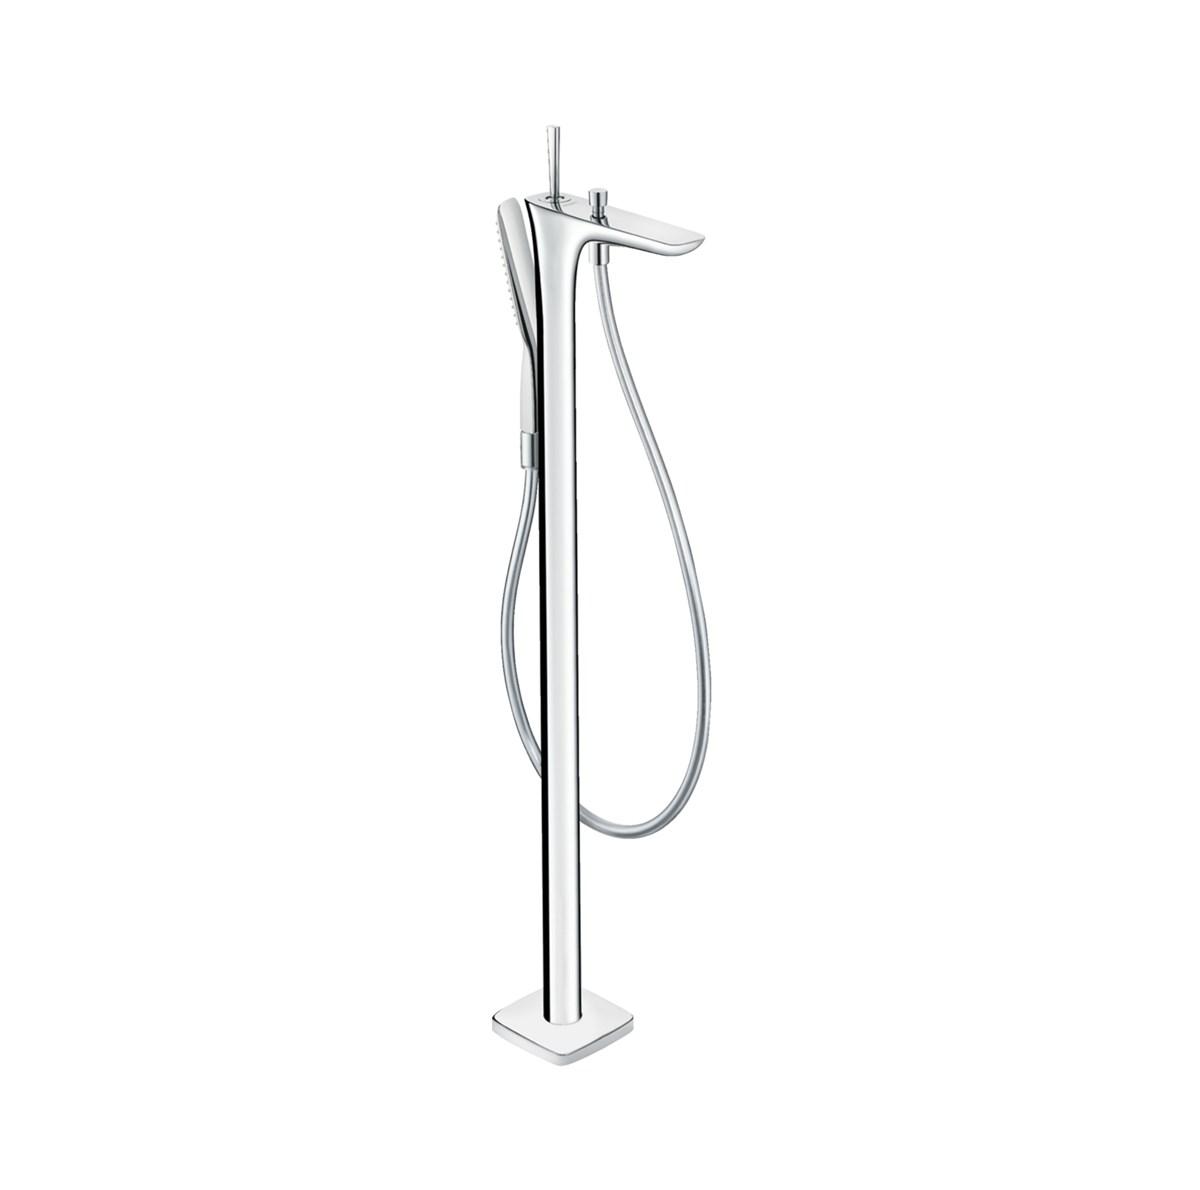 Hansgrohe-PuraVida-Bath-Mixer-Floor-Standing-15473000-Matisse-1